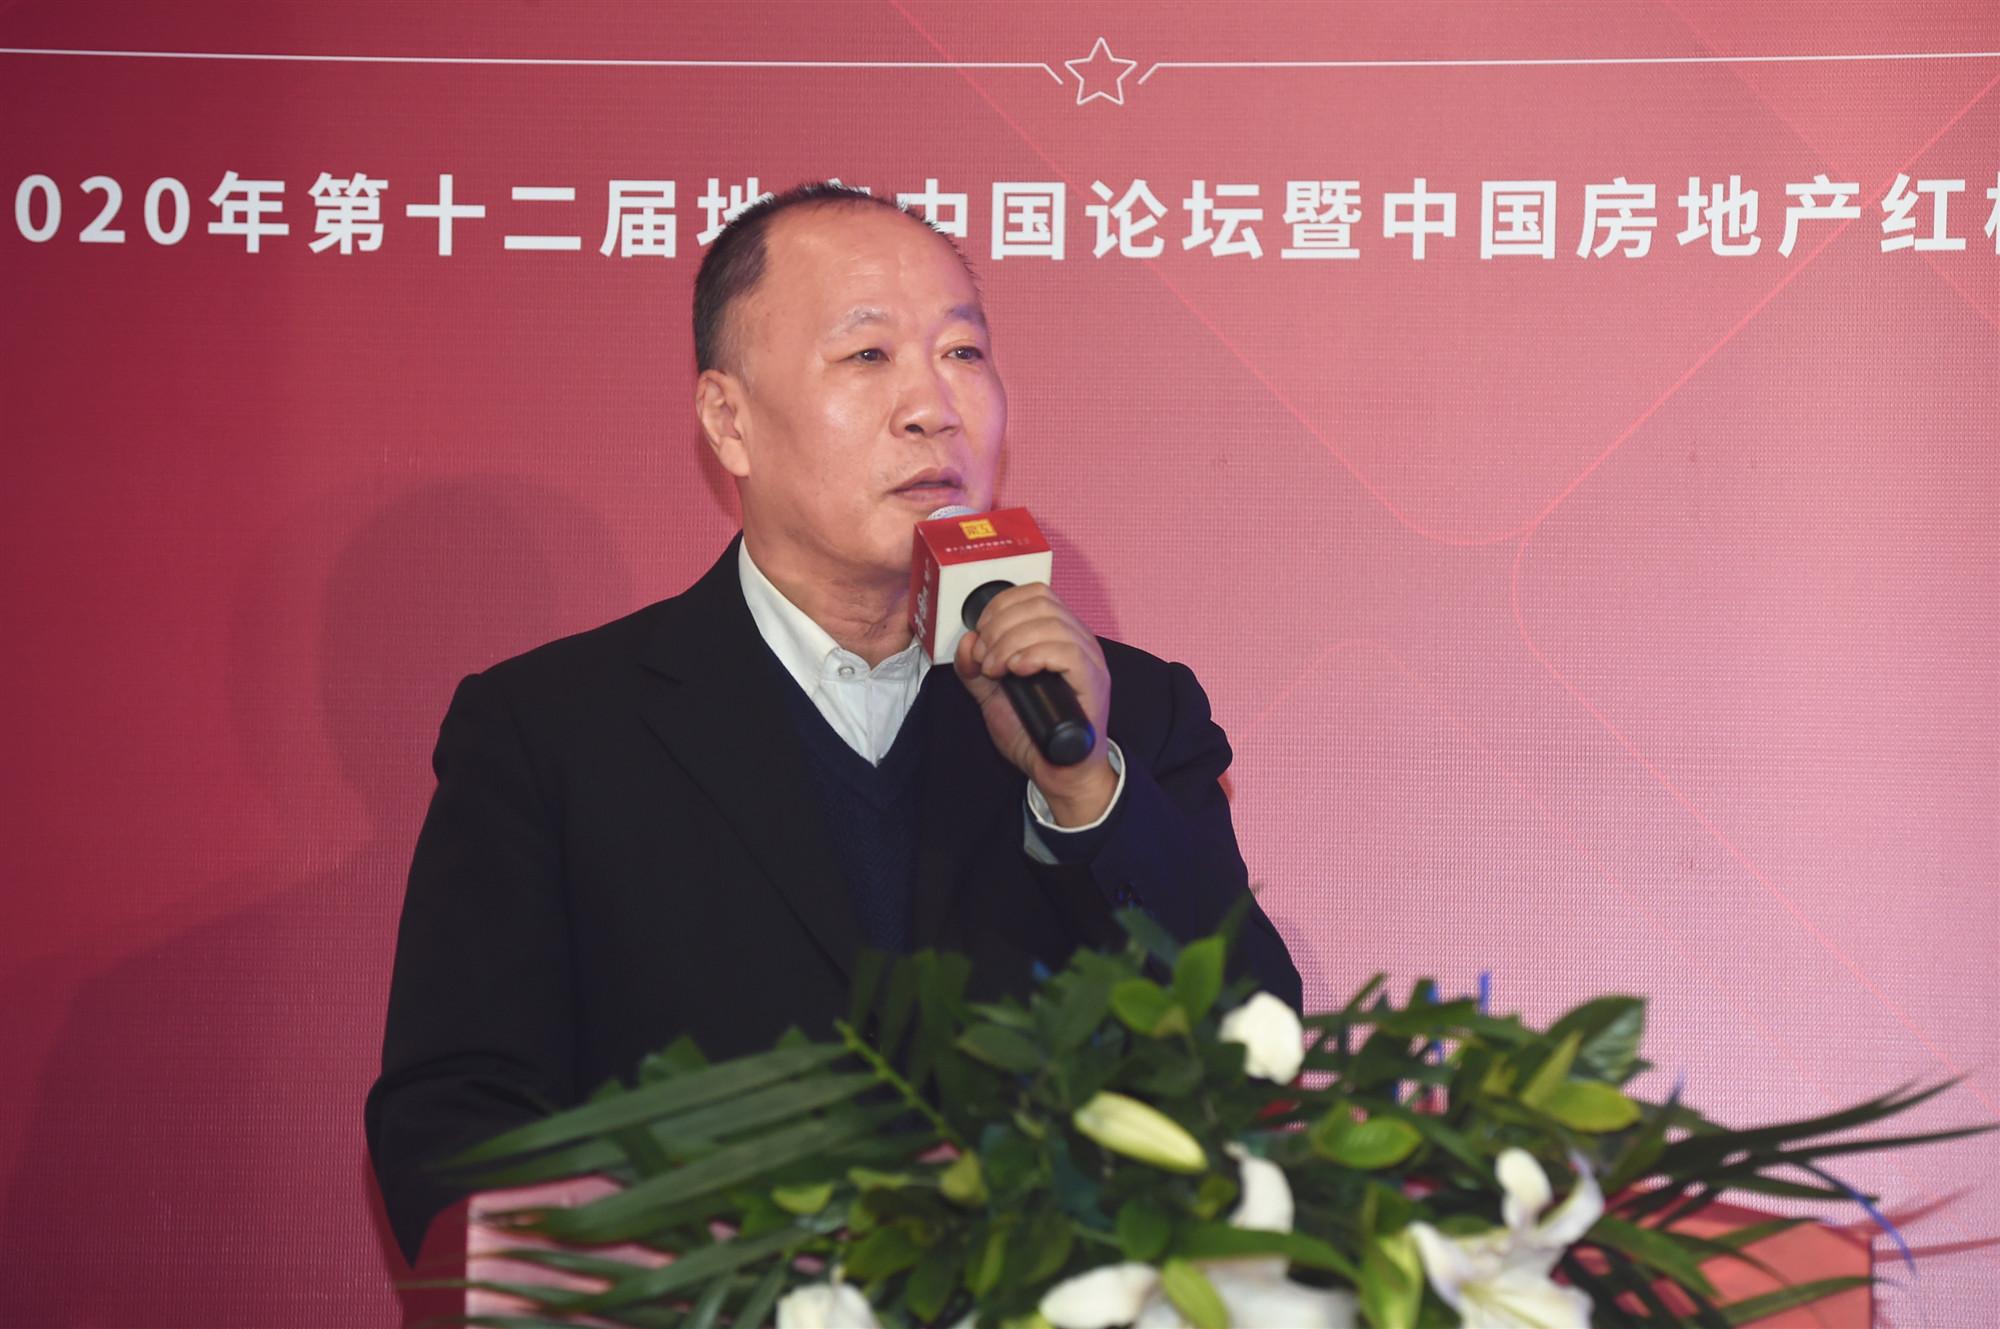 范剑平:今年货币政策要做到灵活精准、合理适度-中国网地产